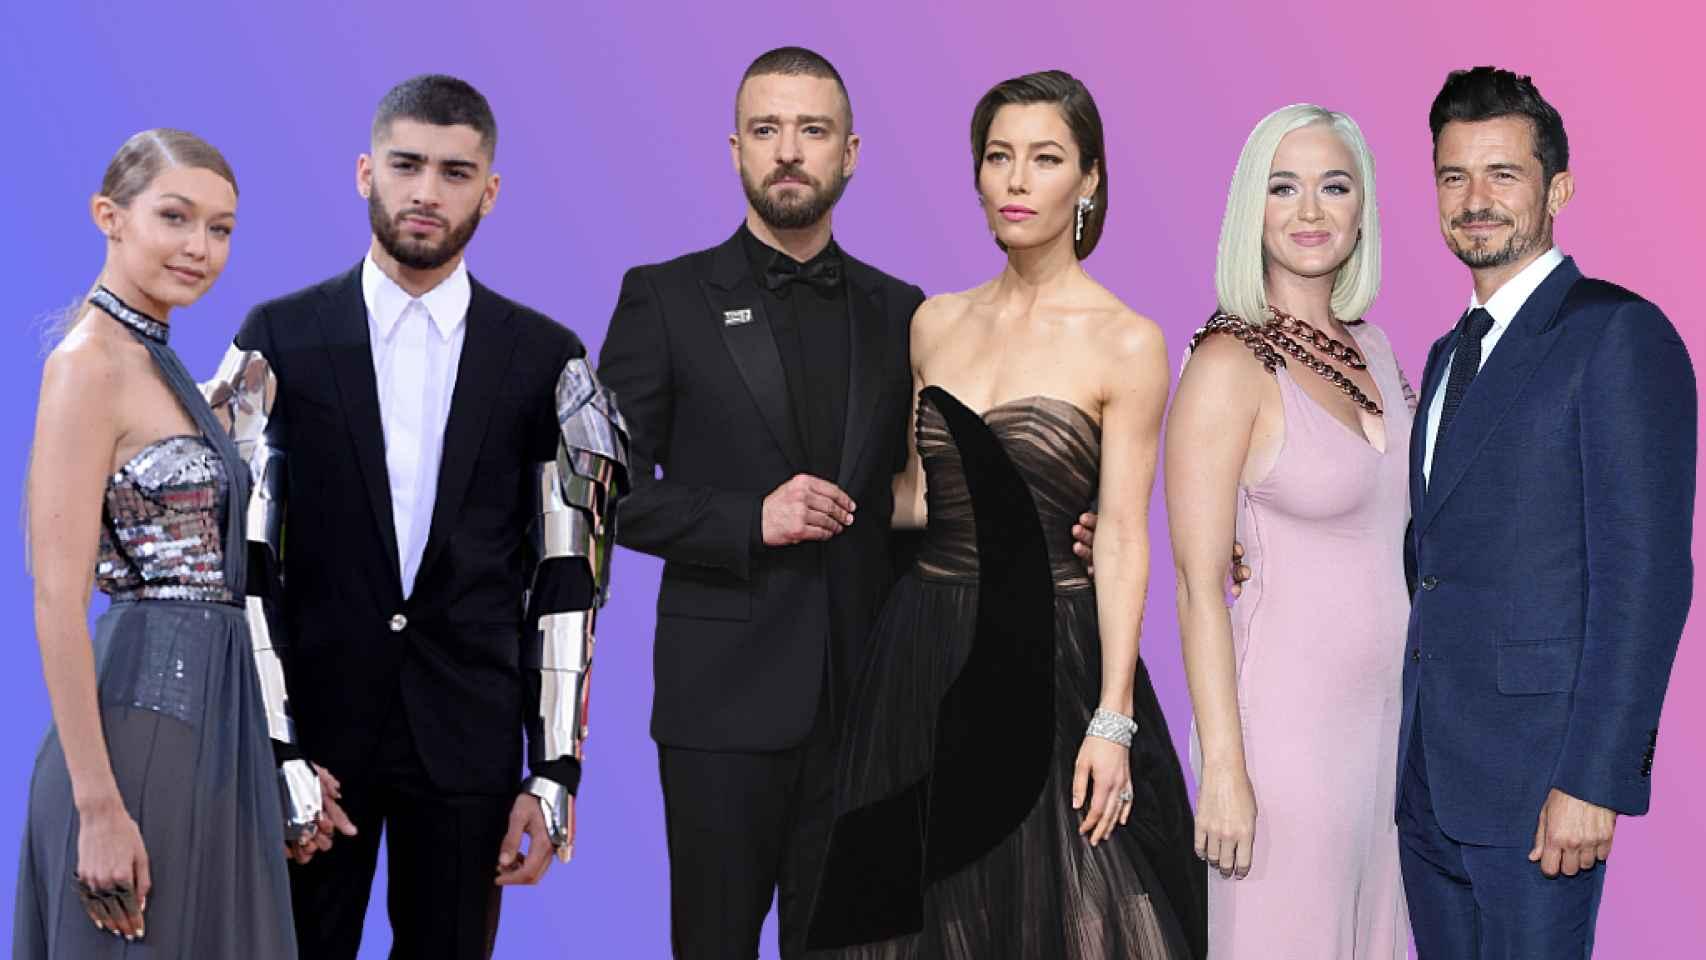 Gigi Hadid, Zayn Malik, Justin Timberlake, Jessica Biel, Katy Perry y Orlando Bloom, en un fotomontaje de JALEOS.